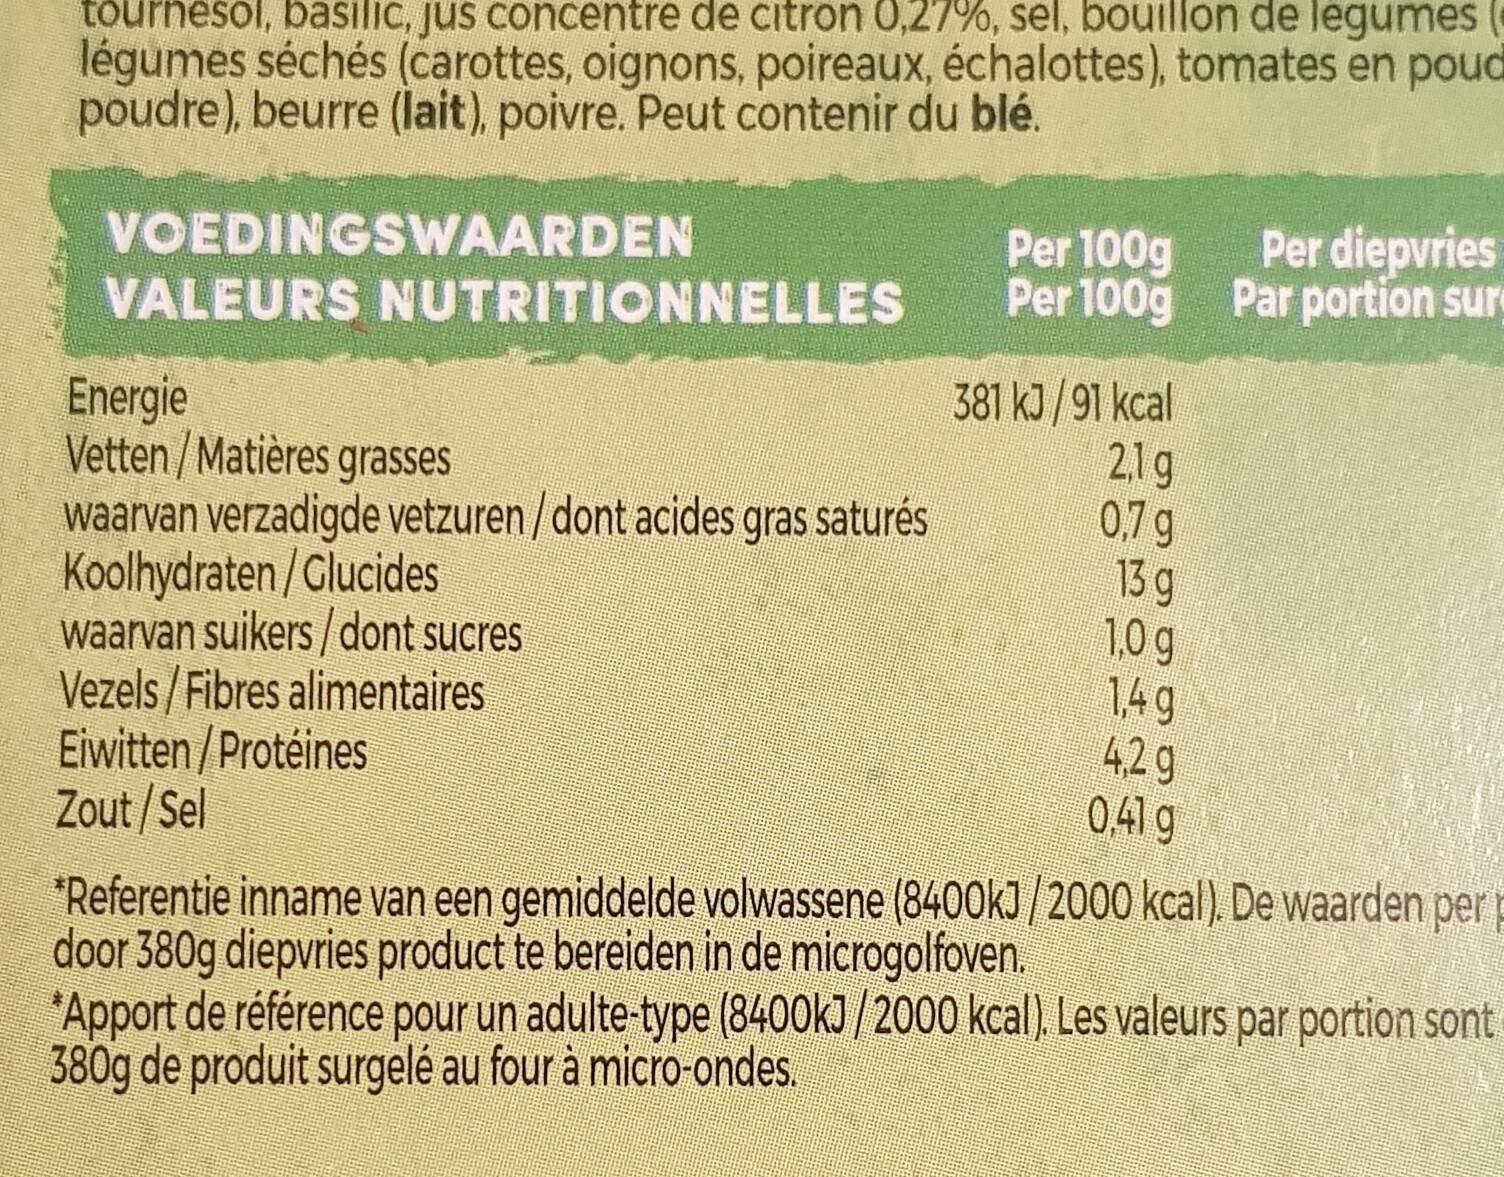 Veggie bowl risotto au citron - Voedingswaarden